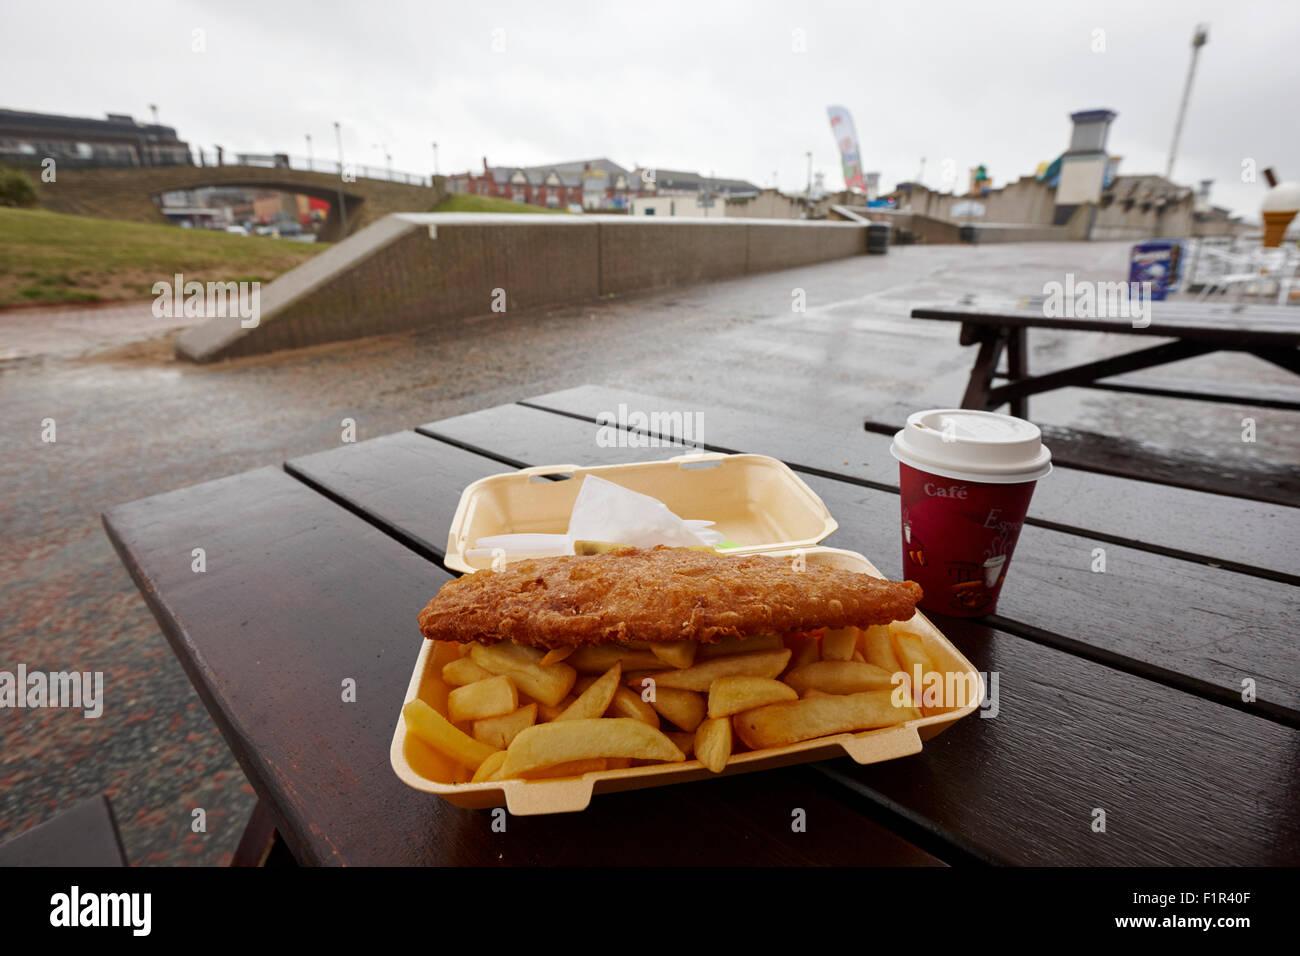 Deep Fried fish and chips baratos en un día lluvioso verano en un balneario en el norte de Gales, Reino Unido Imagen De Stock